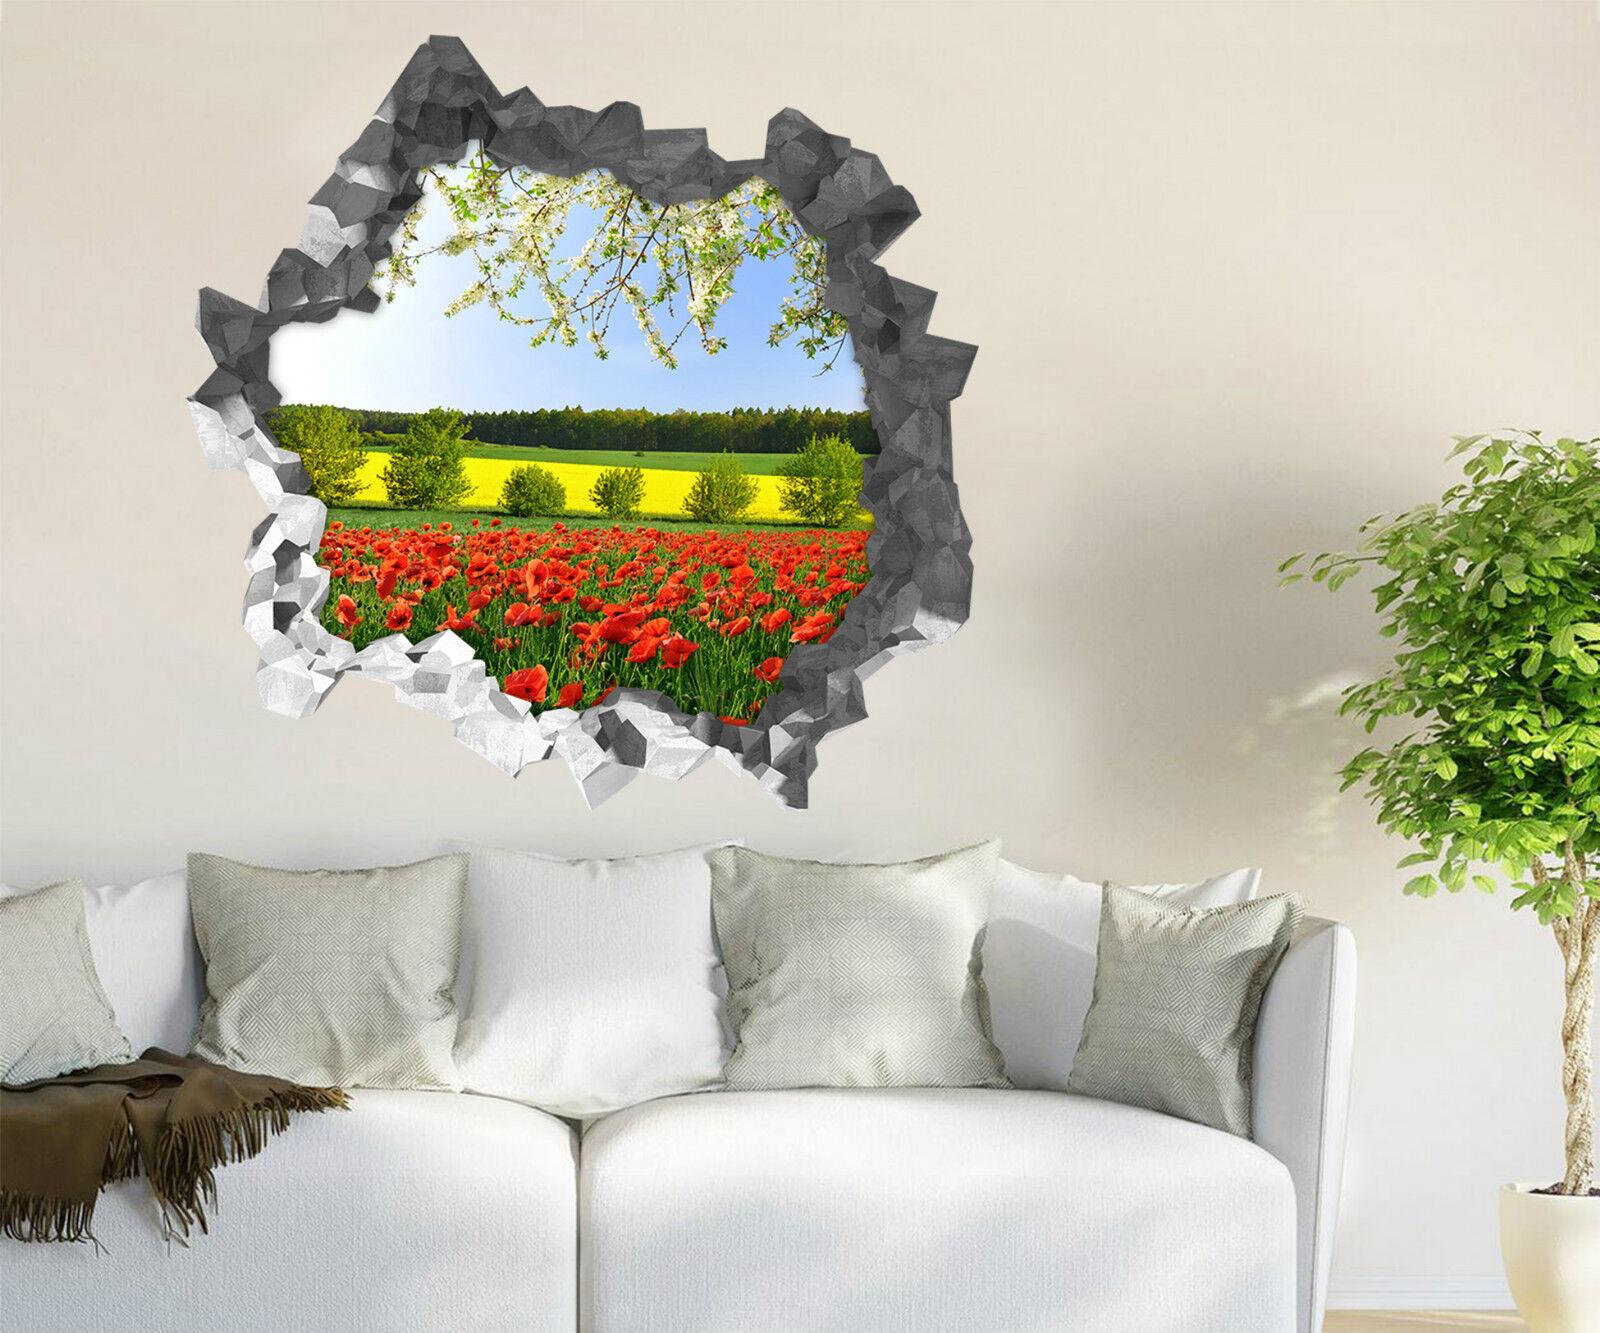 3D Himmel bluemen 57 Mauer Murals Aufklebe Decal Durchbruch AJ WALLPAPER DE Lemon